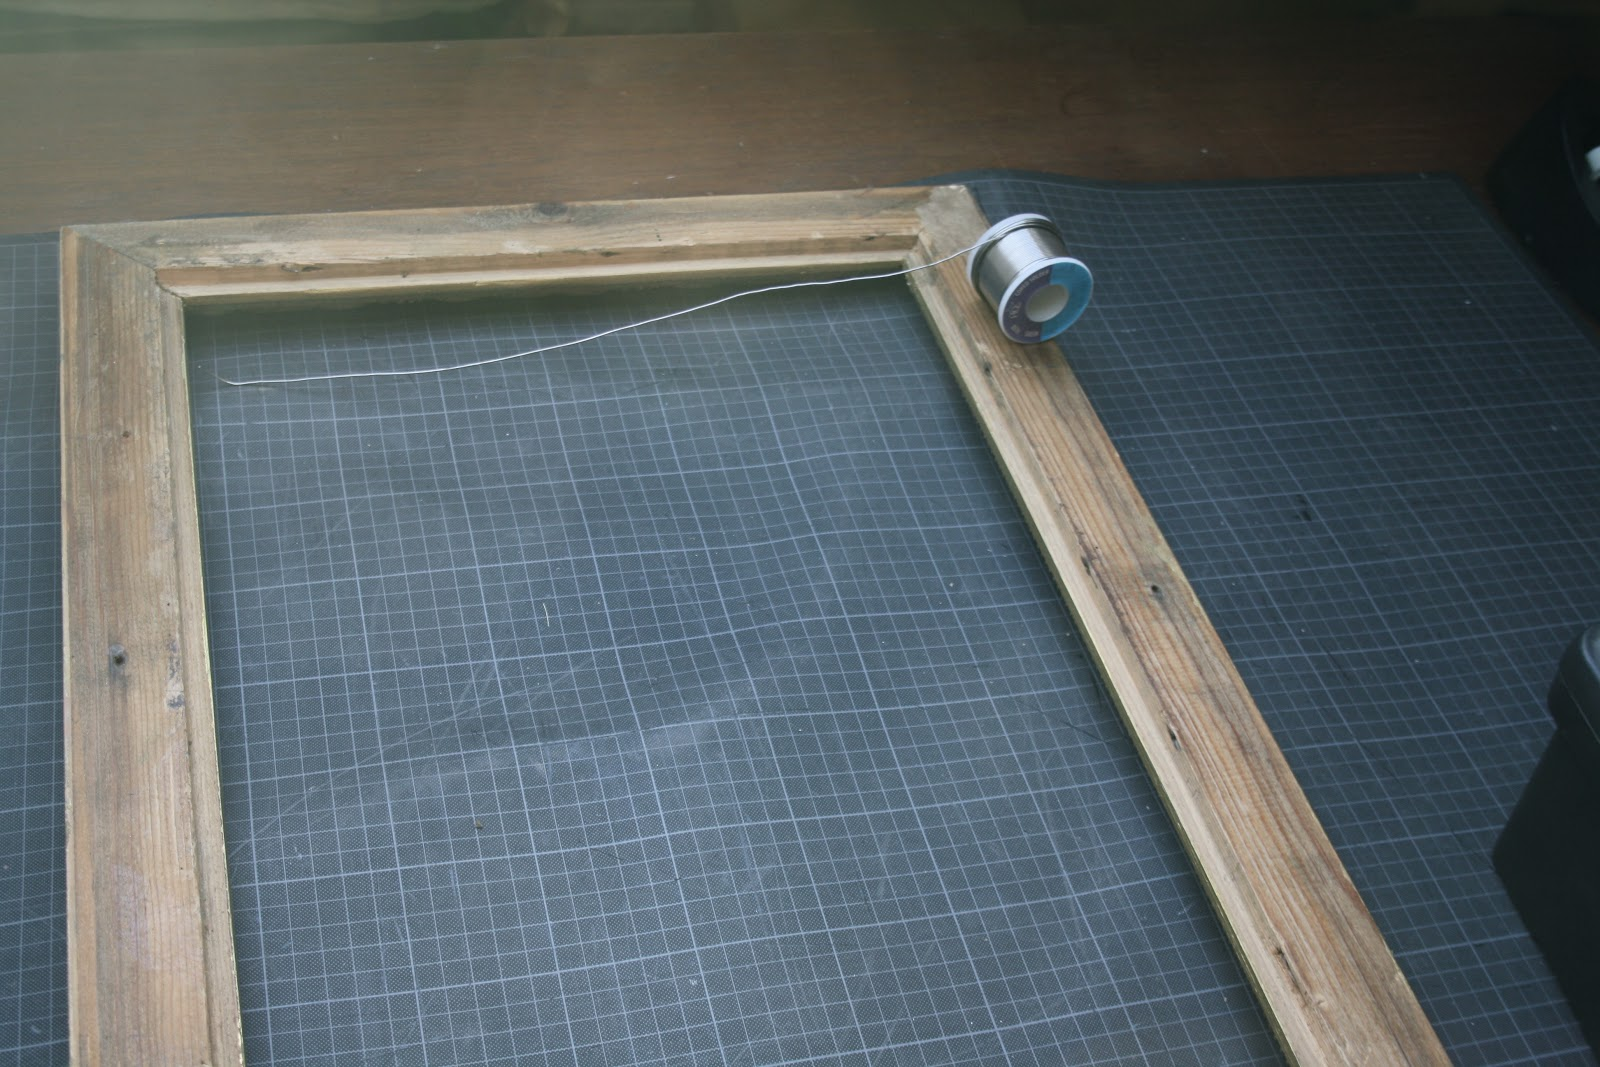 emmerdante diy le cadre porte bijoux. Black Bedroom Furniture Sets. Home Design Ideas